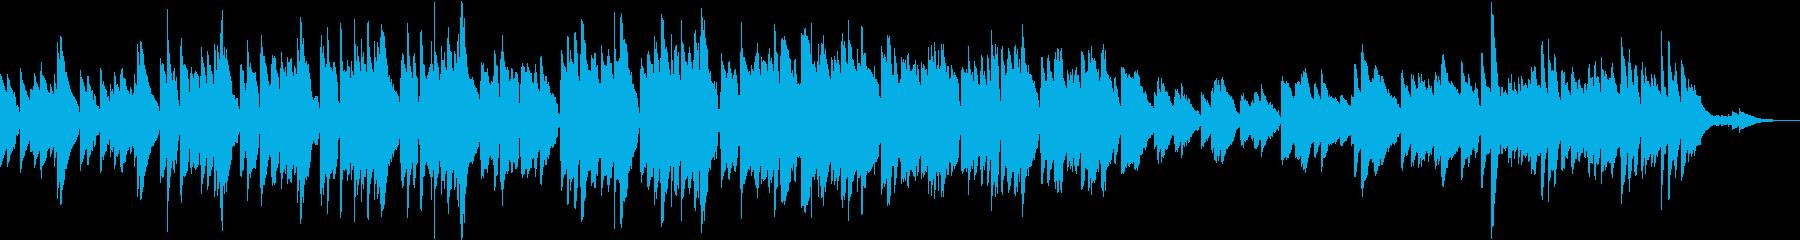 オルタナティブポップインストゥルメ...の再生済みの波形